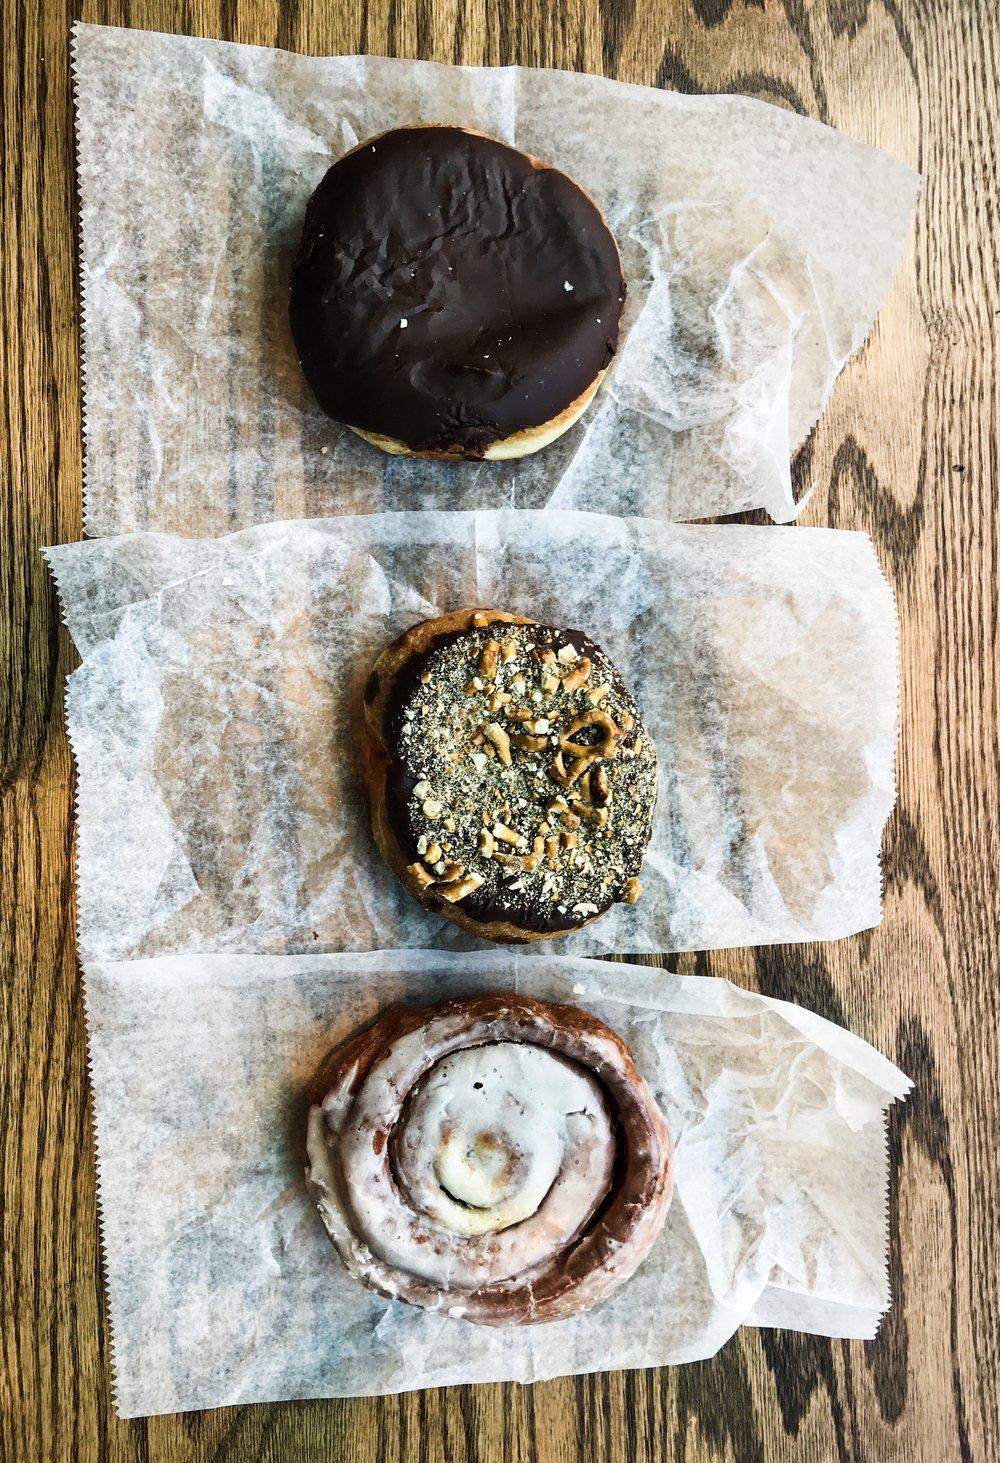 dottie's donut Philadelphia